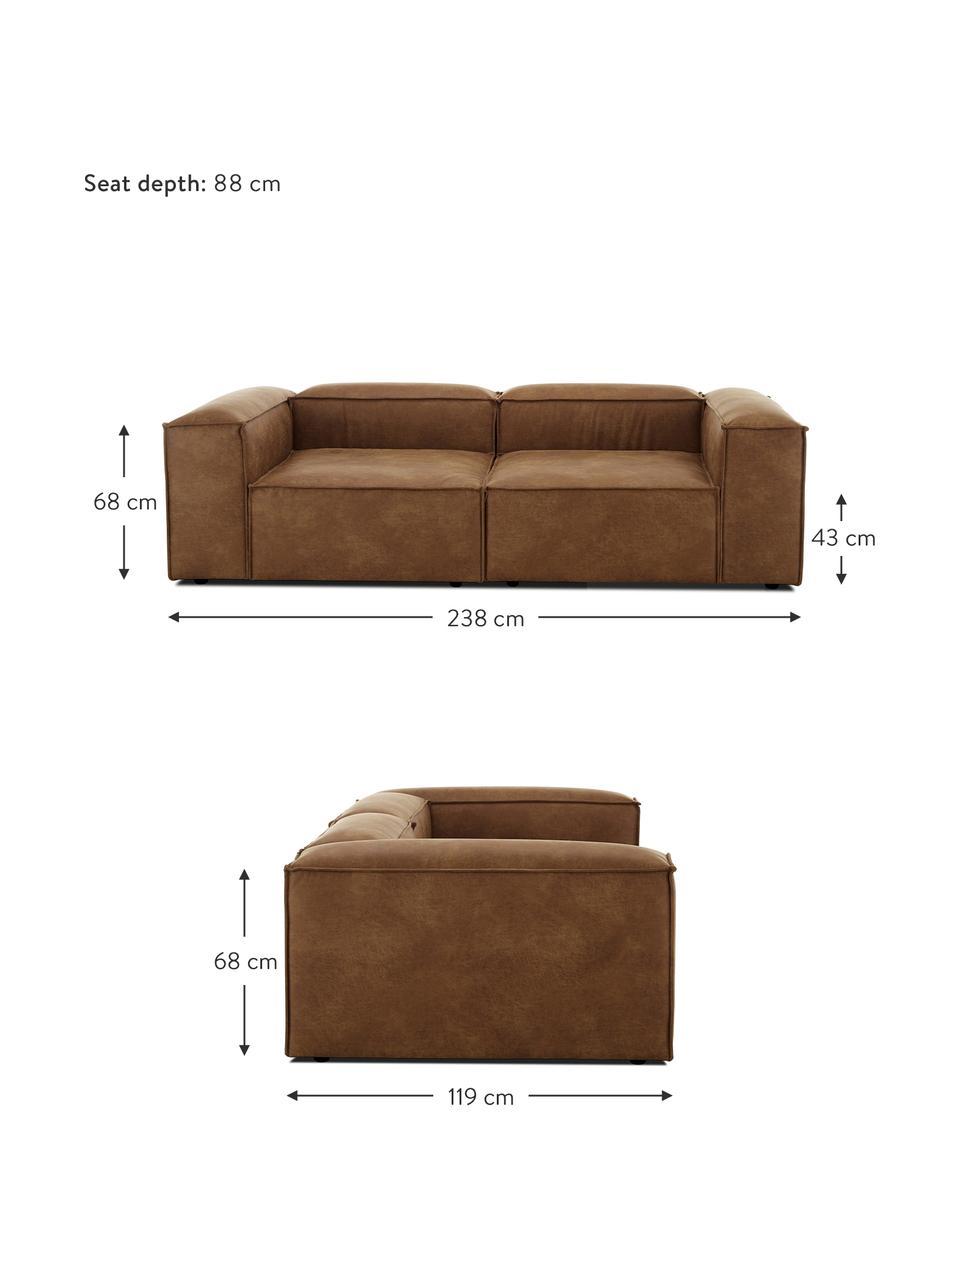 Sofa modułowa ze skóry z recyklingu Lennon (3-osobowa), Tapicerka: skóra z recyklingu (70% s, Nogi: tworzywo sztuczne Nogi zn, Skórzany brązowy, S 238 x G 119 cm